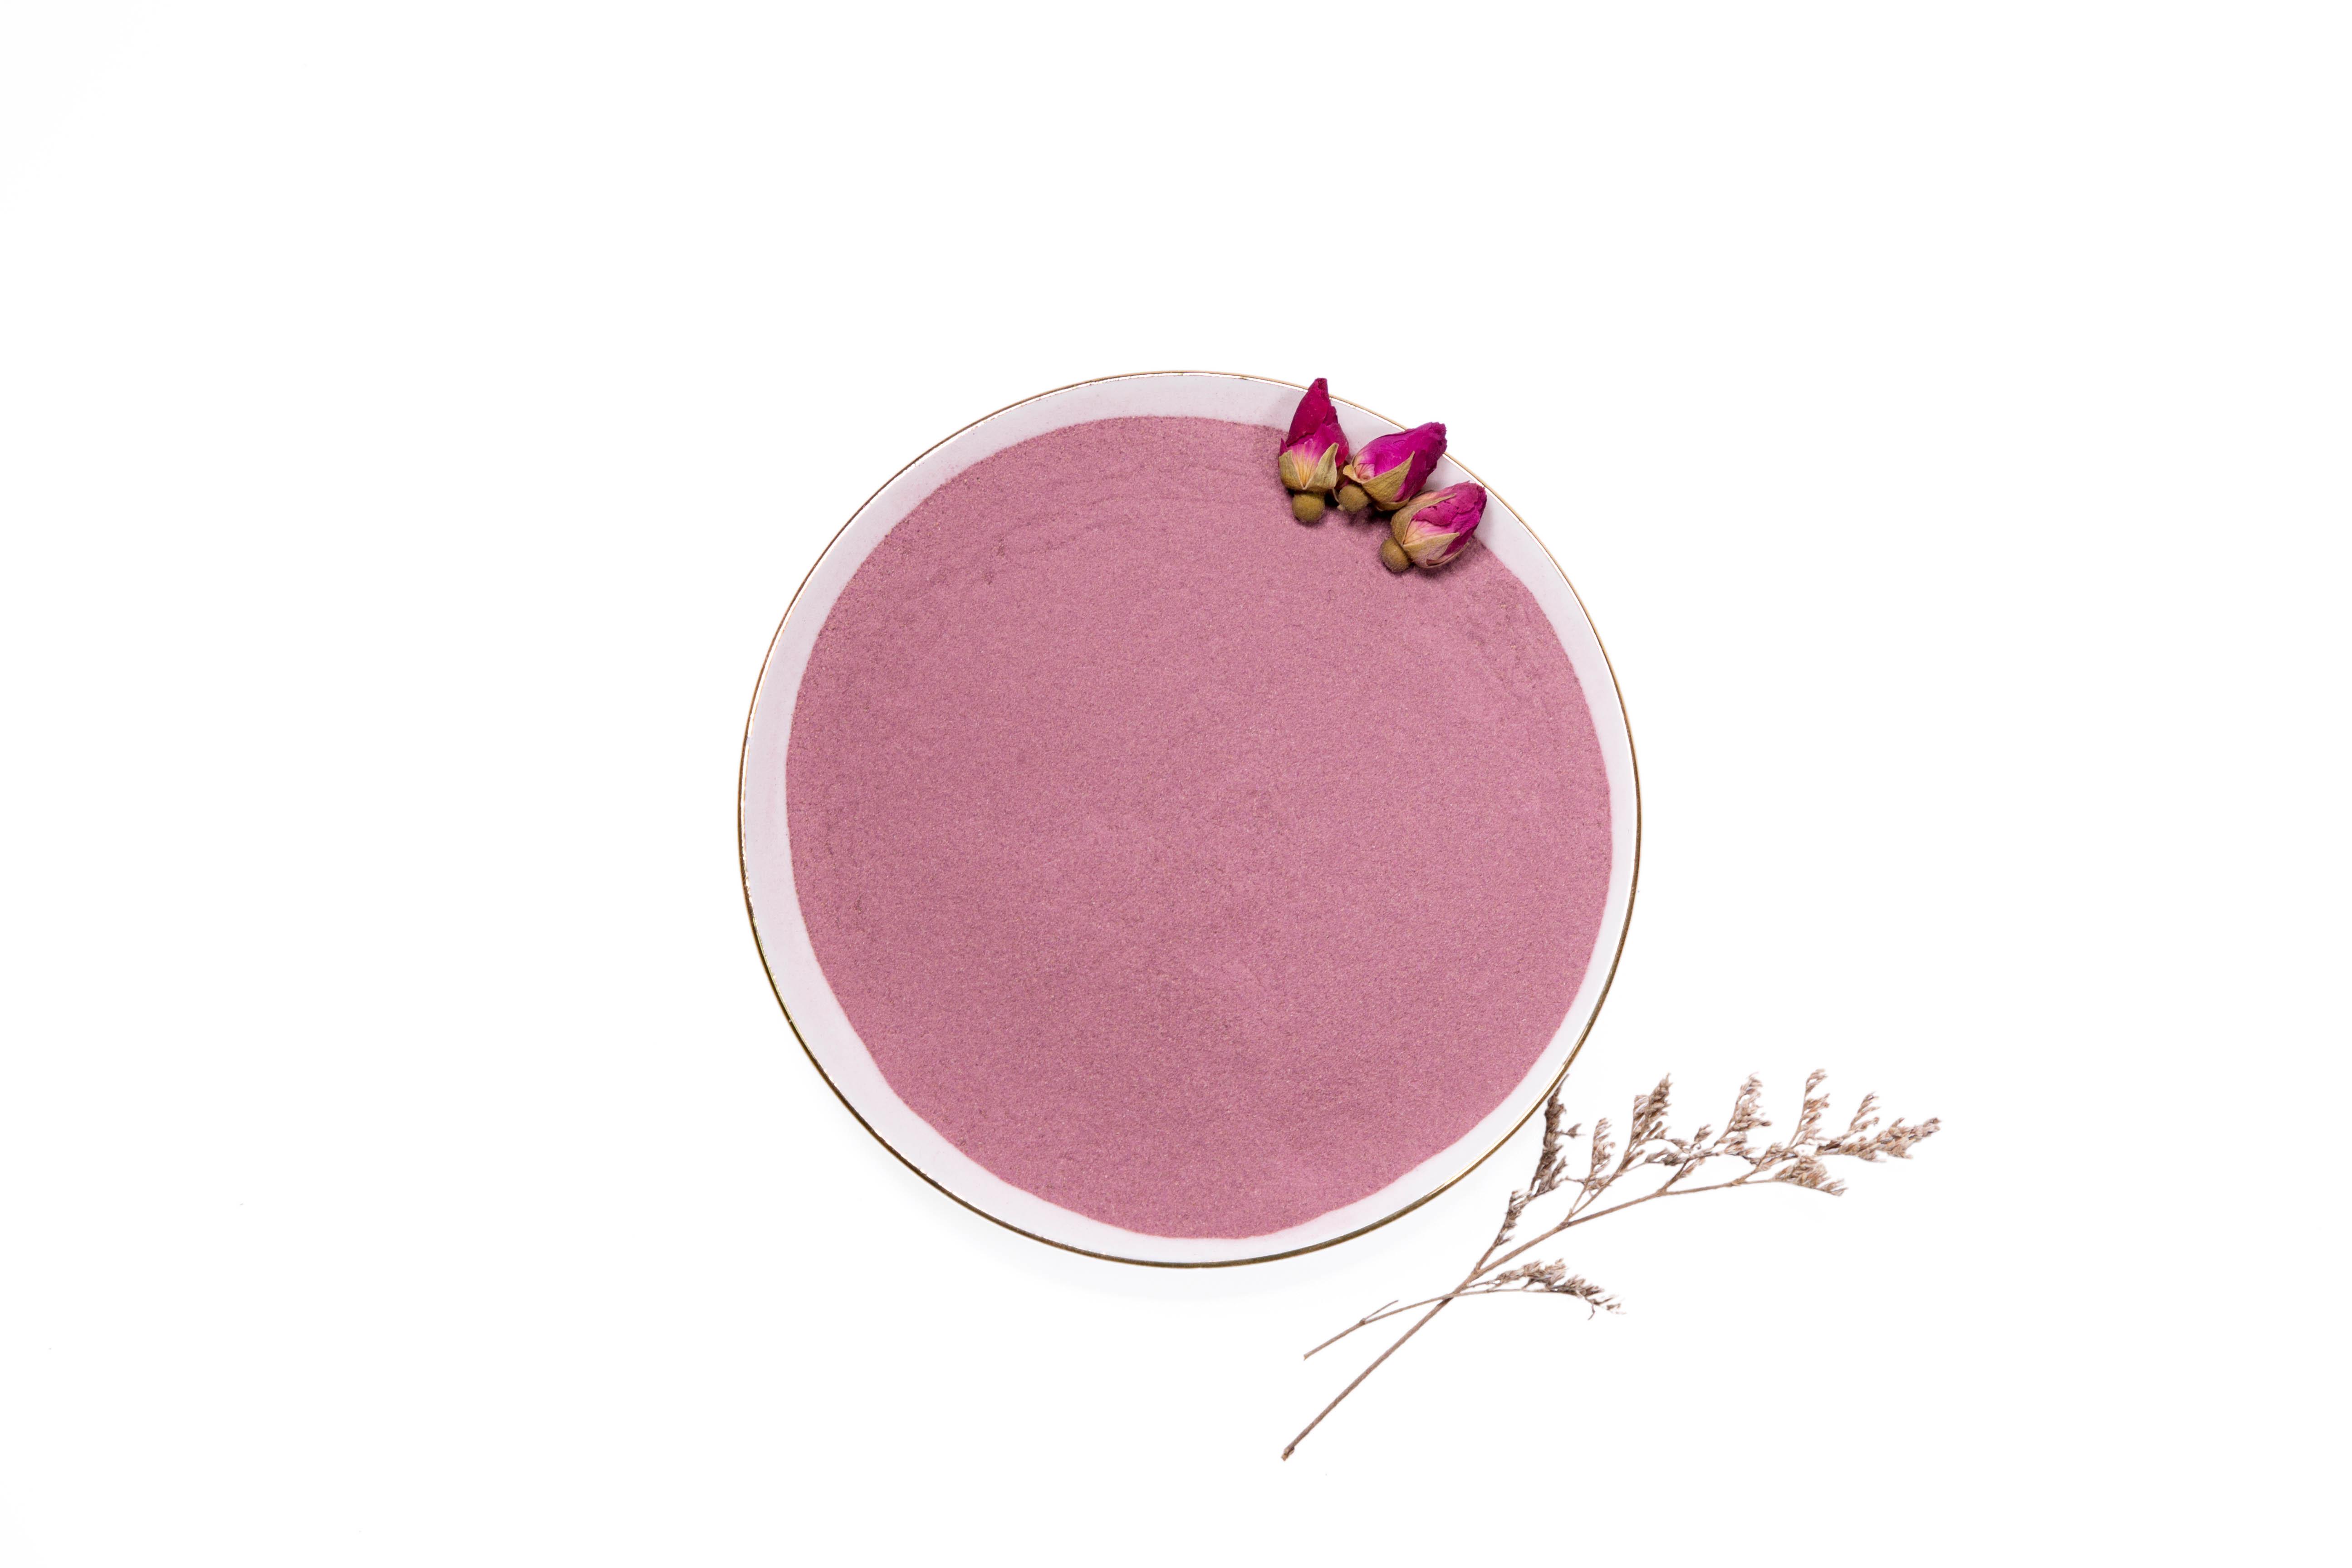 重瓣红玫瑰花蕾粉 FY-KF280